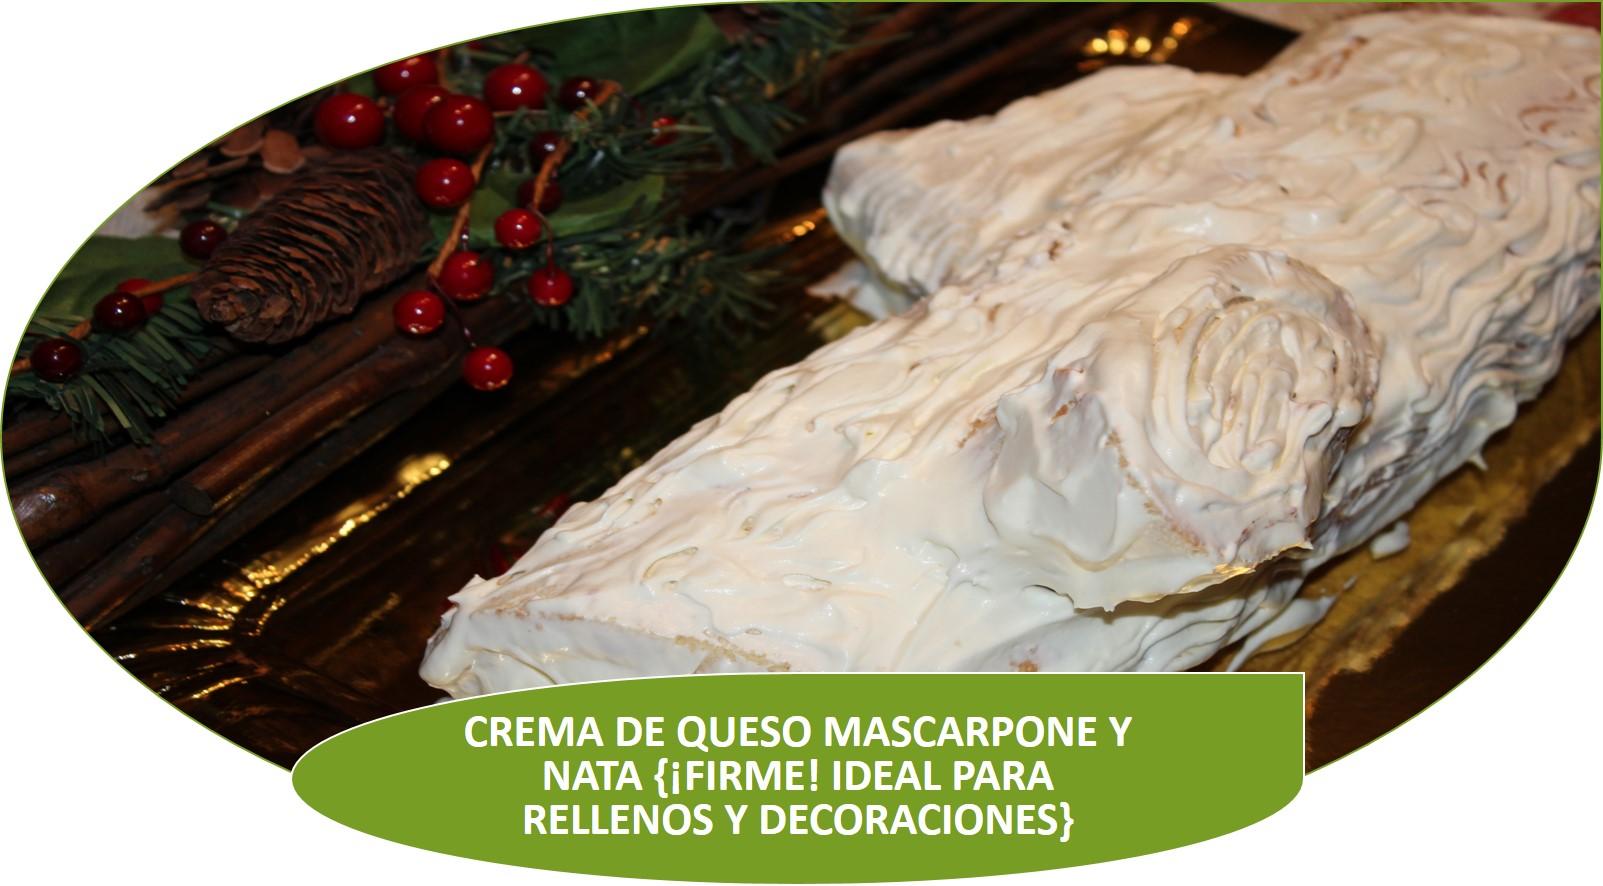 Crema De Queso Mascarpone Y Nata Firme Ideal Para Rellenos Y Decoraciones